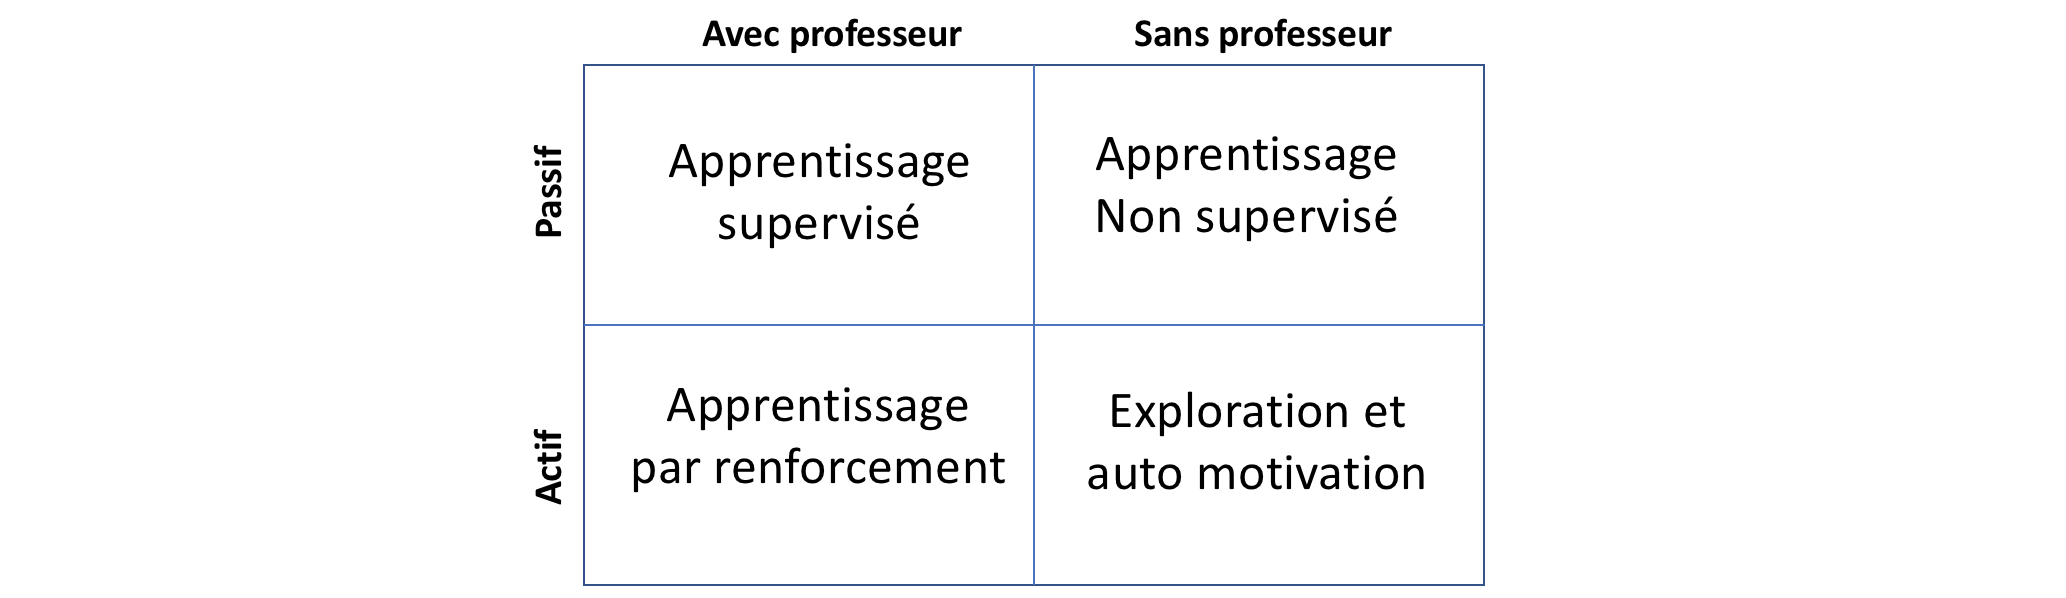 Illustration des principaux modes d'apprentissage.